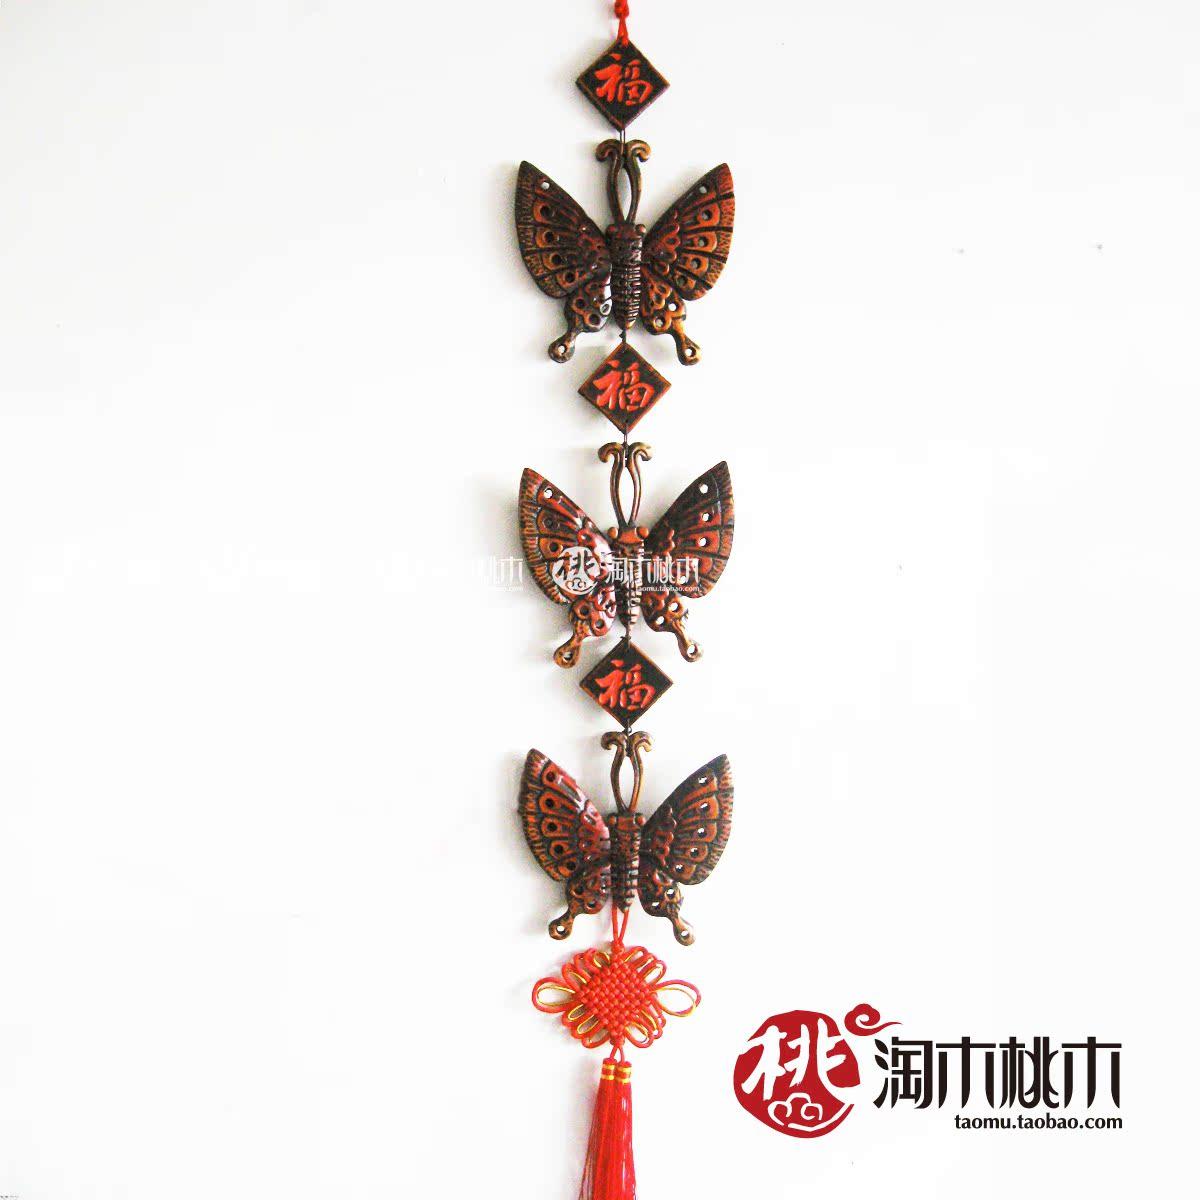 木質蝴蝶壁飾掛件中國結福字木雕墻飾壁掛家居飾品工藝品喬遷禮物